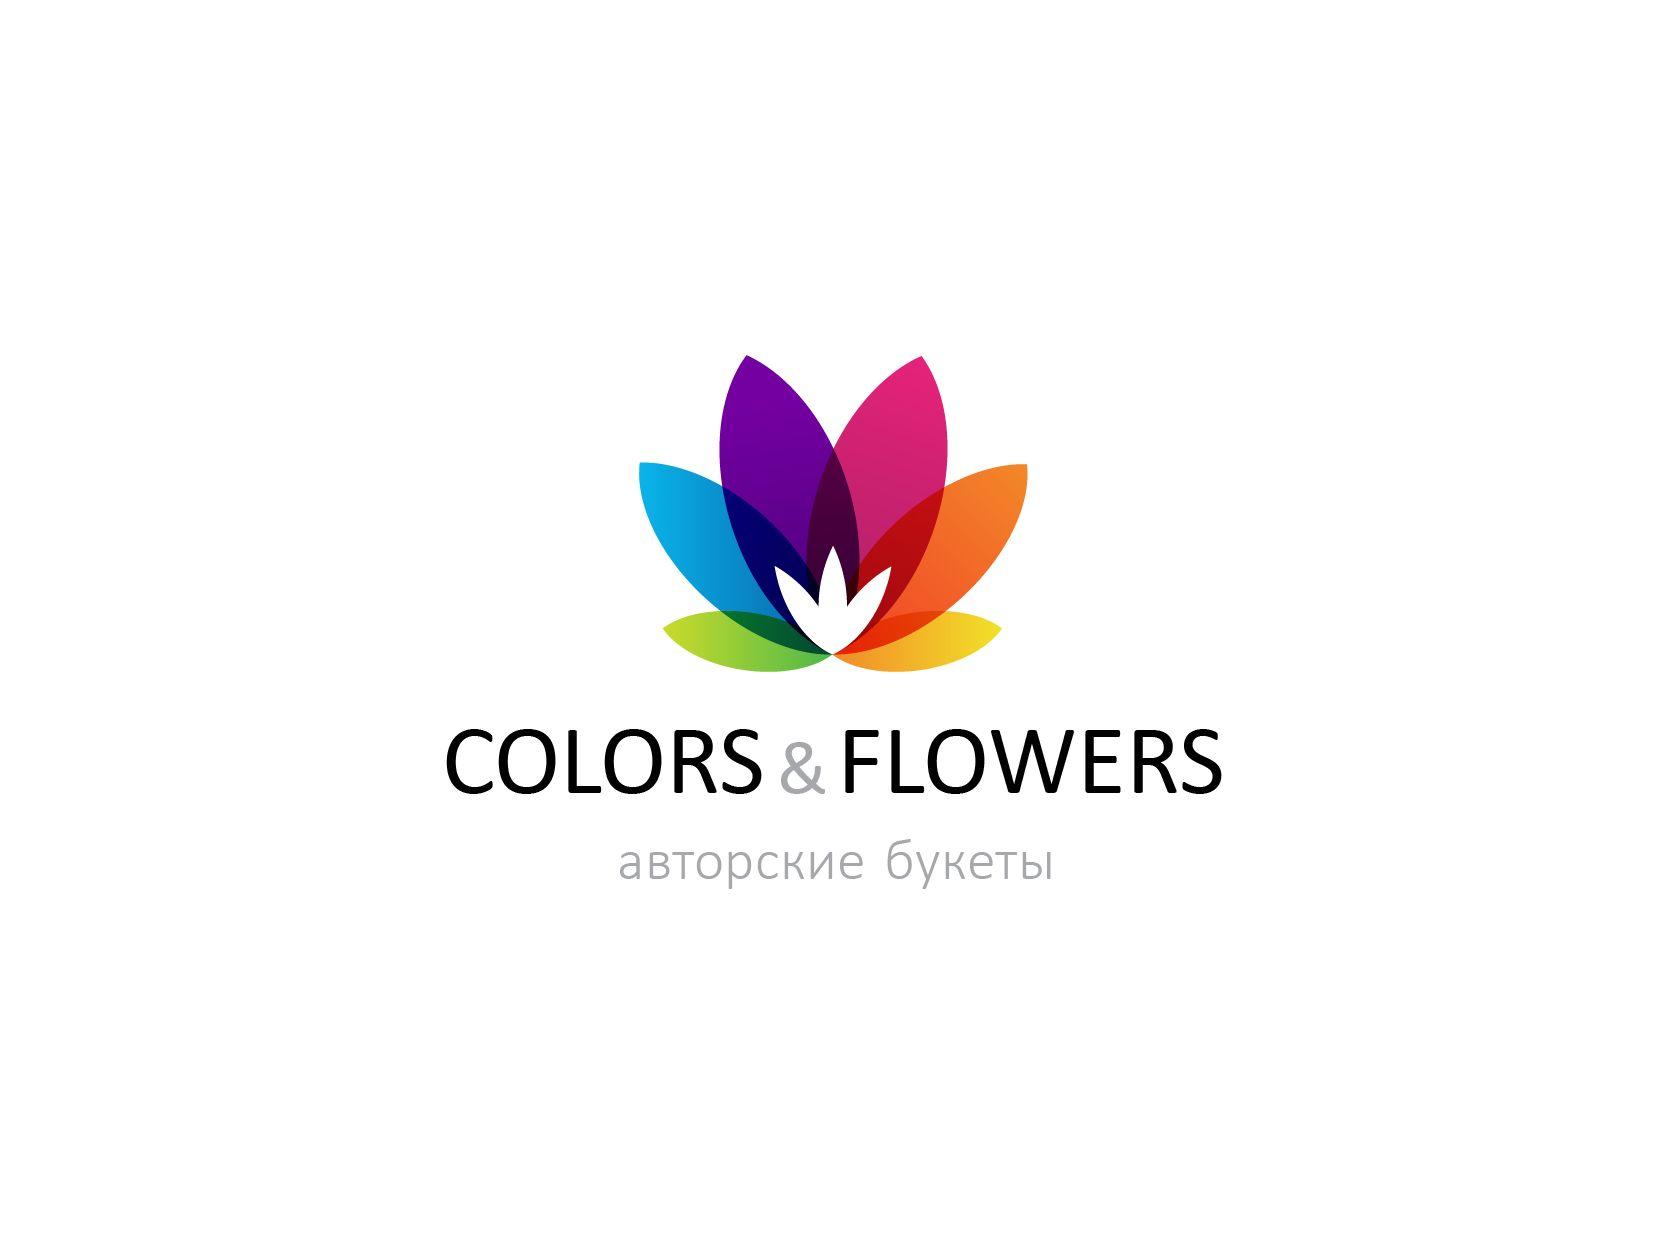 Colors & Flowers Логотип и фирменный стиль - дизайнер this_optimism